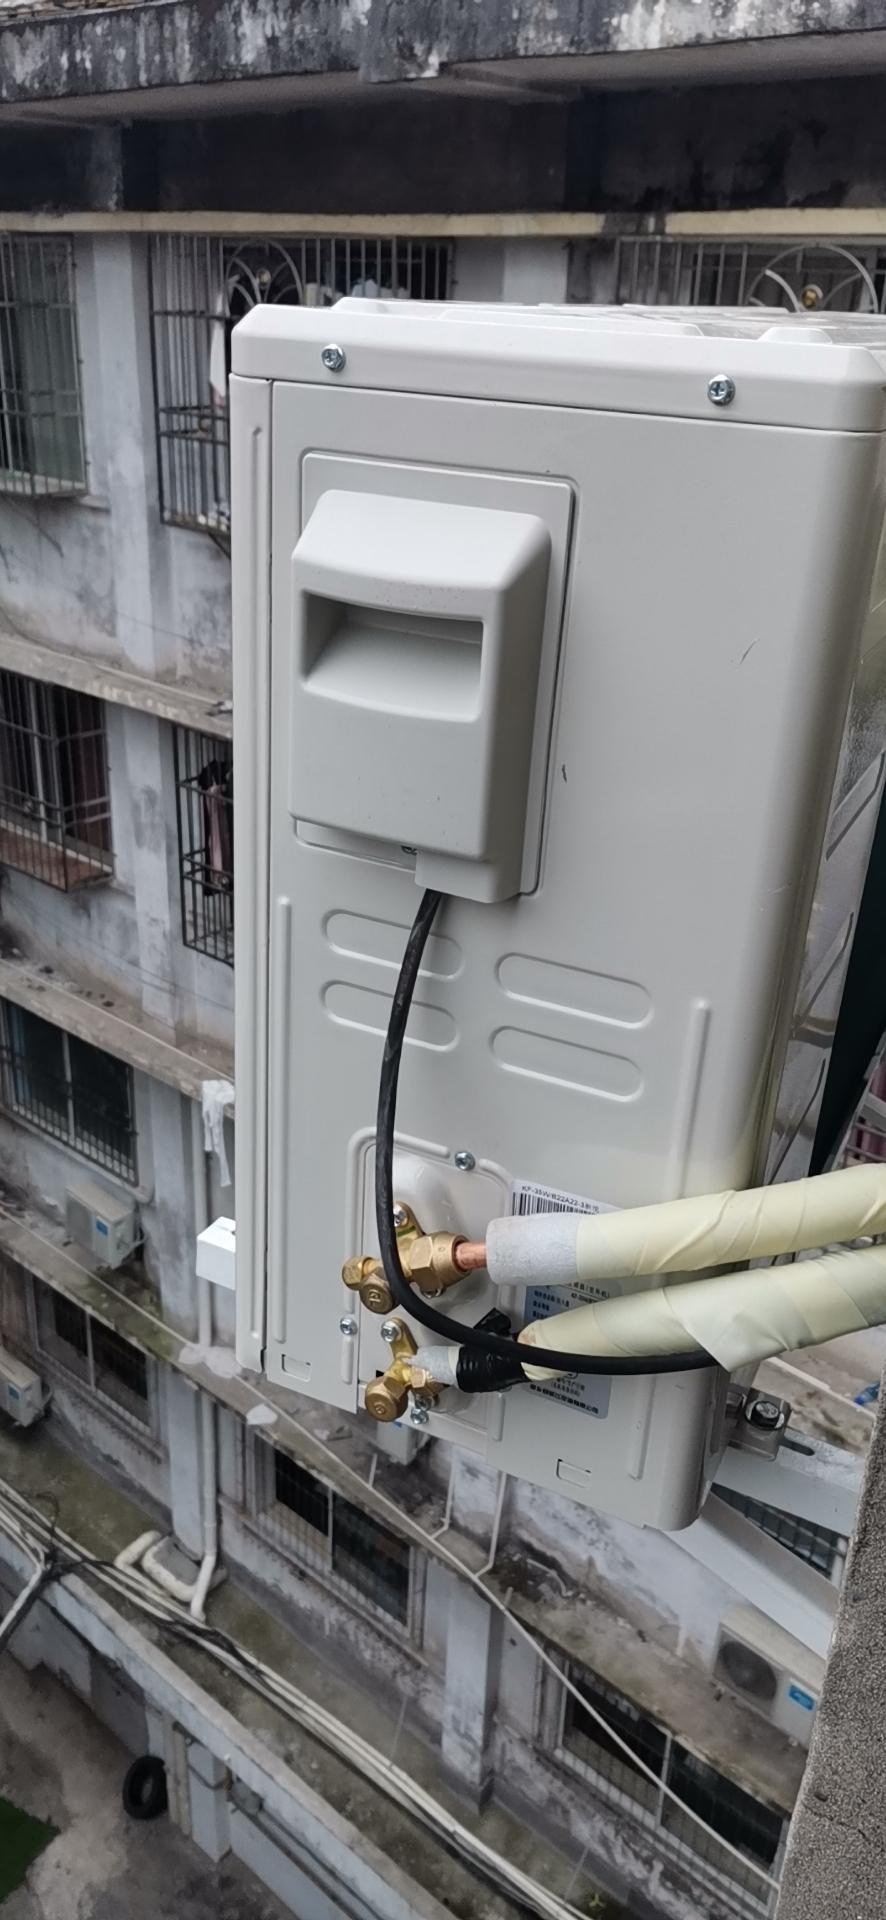 乐山家电维修空调温度传感器故障